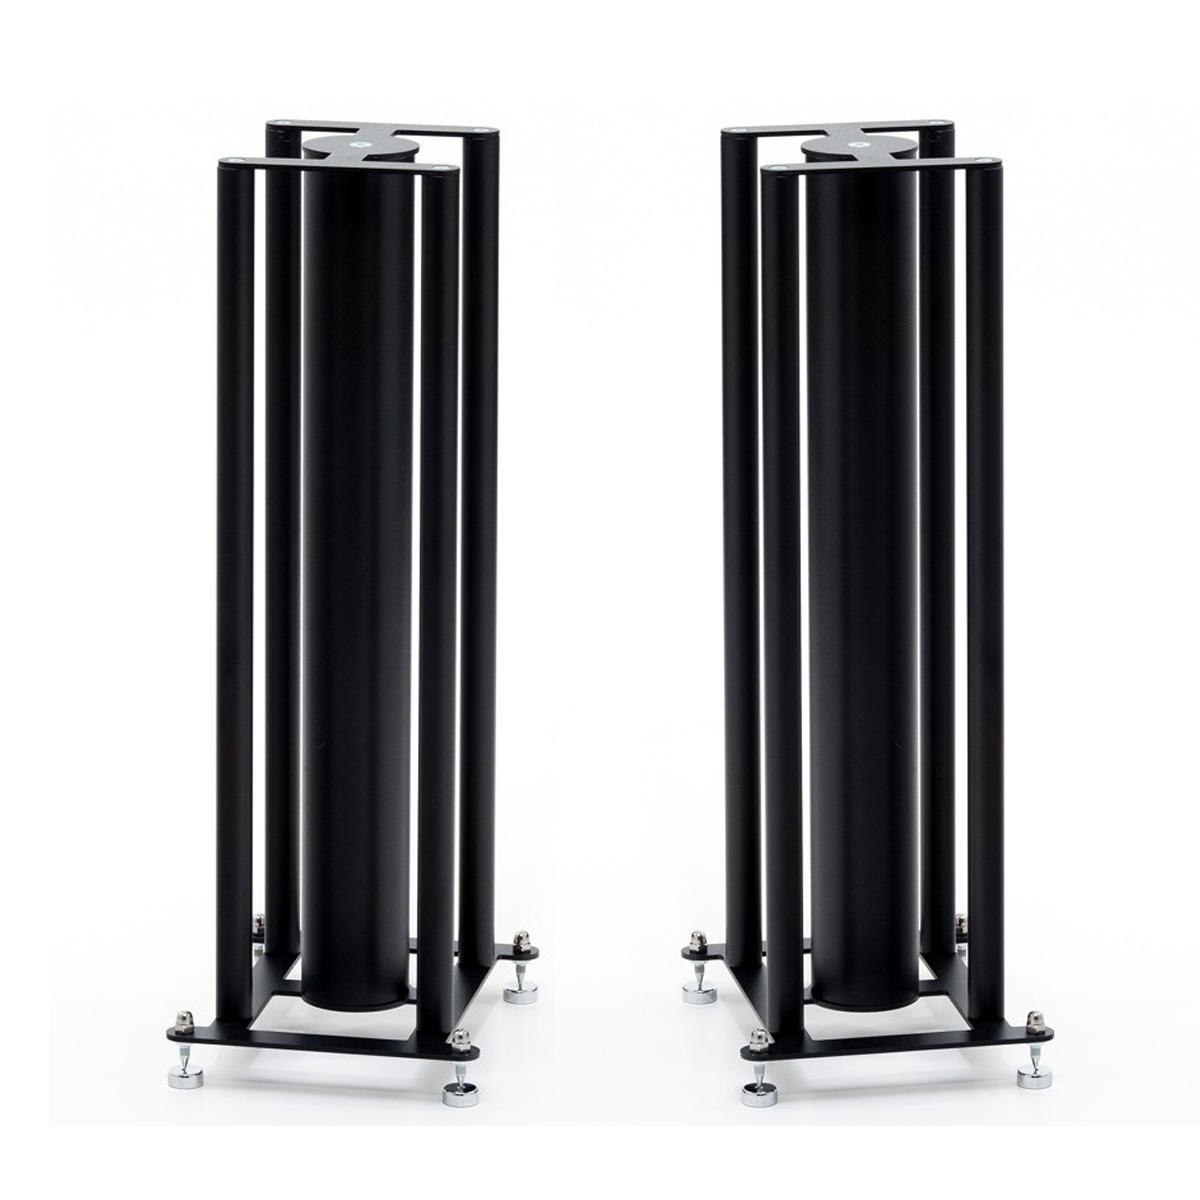 4 Column CD-FS104 Black Speaker Stands (Pair)